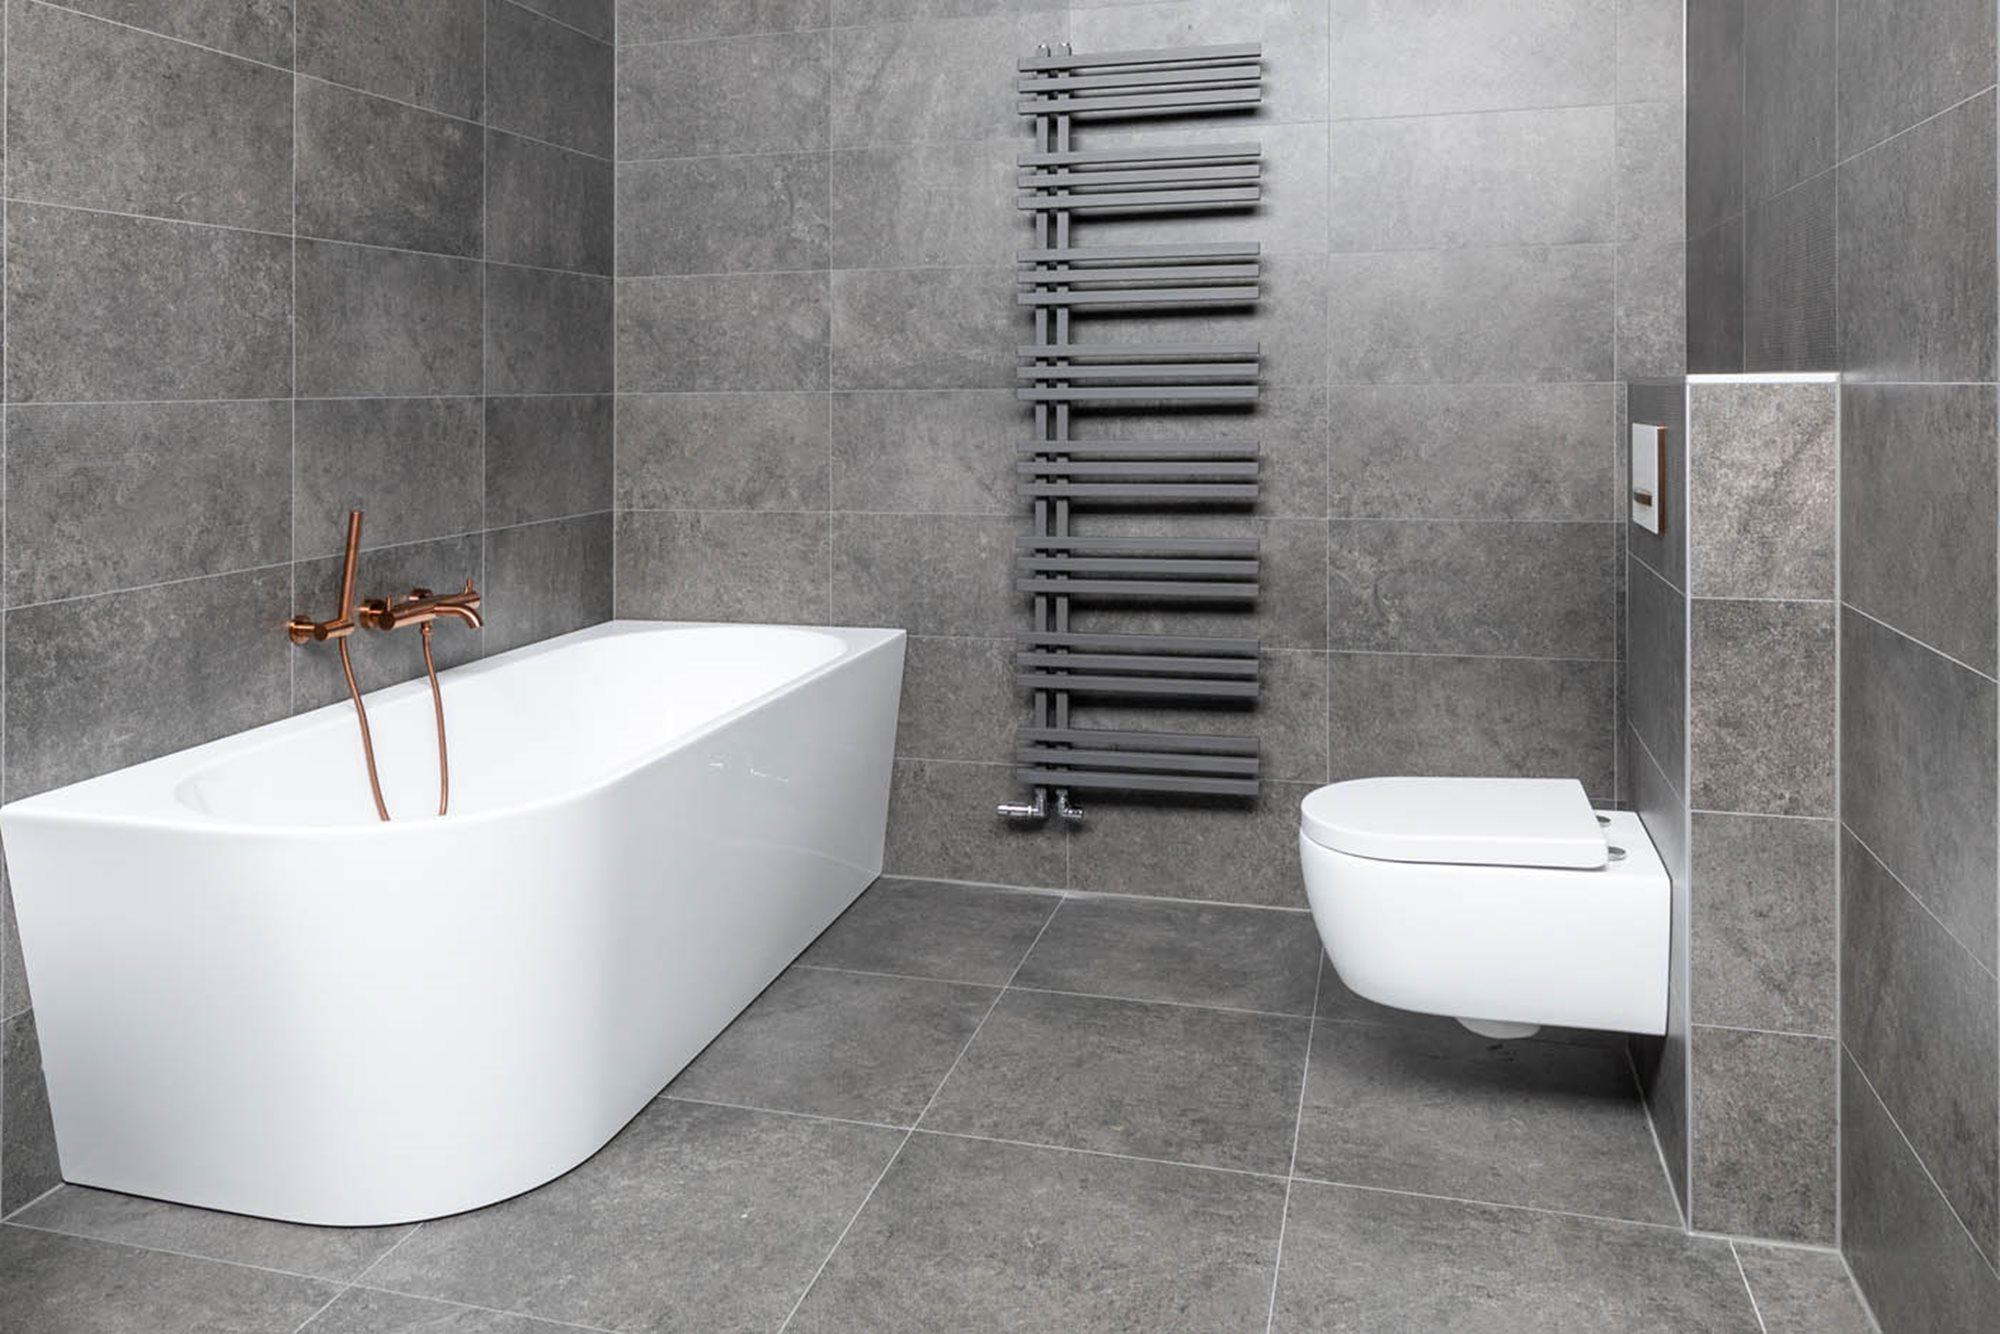 breedte-bad-verschillende-maten-halfvrijstaand-bad-koperen-kraan-grijze-radiator-grijze-tegels-hangtoilet.jpg